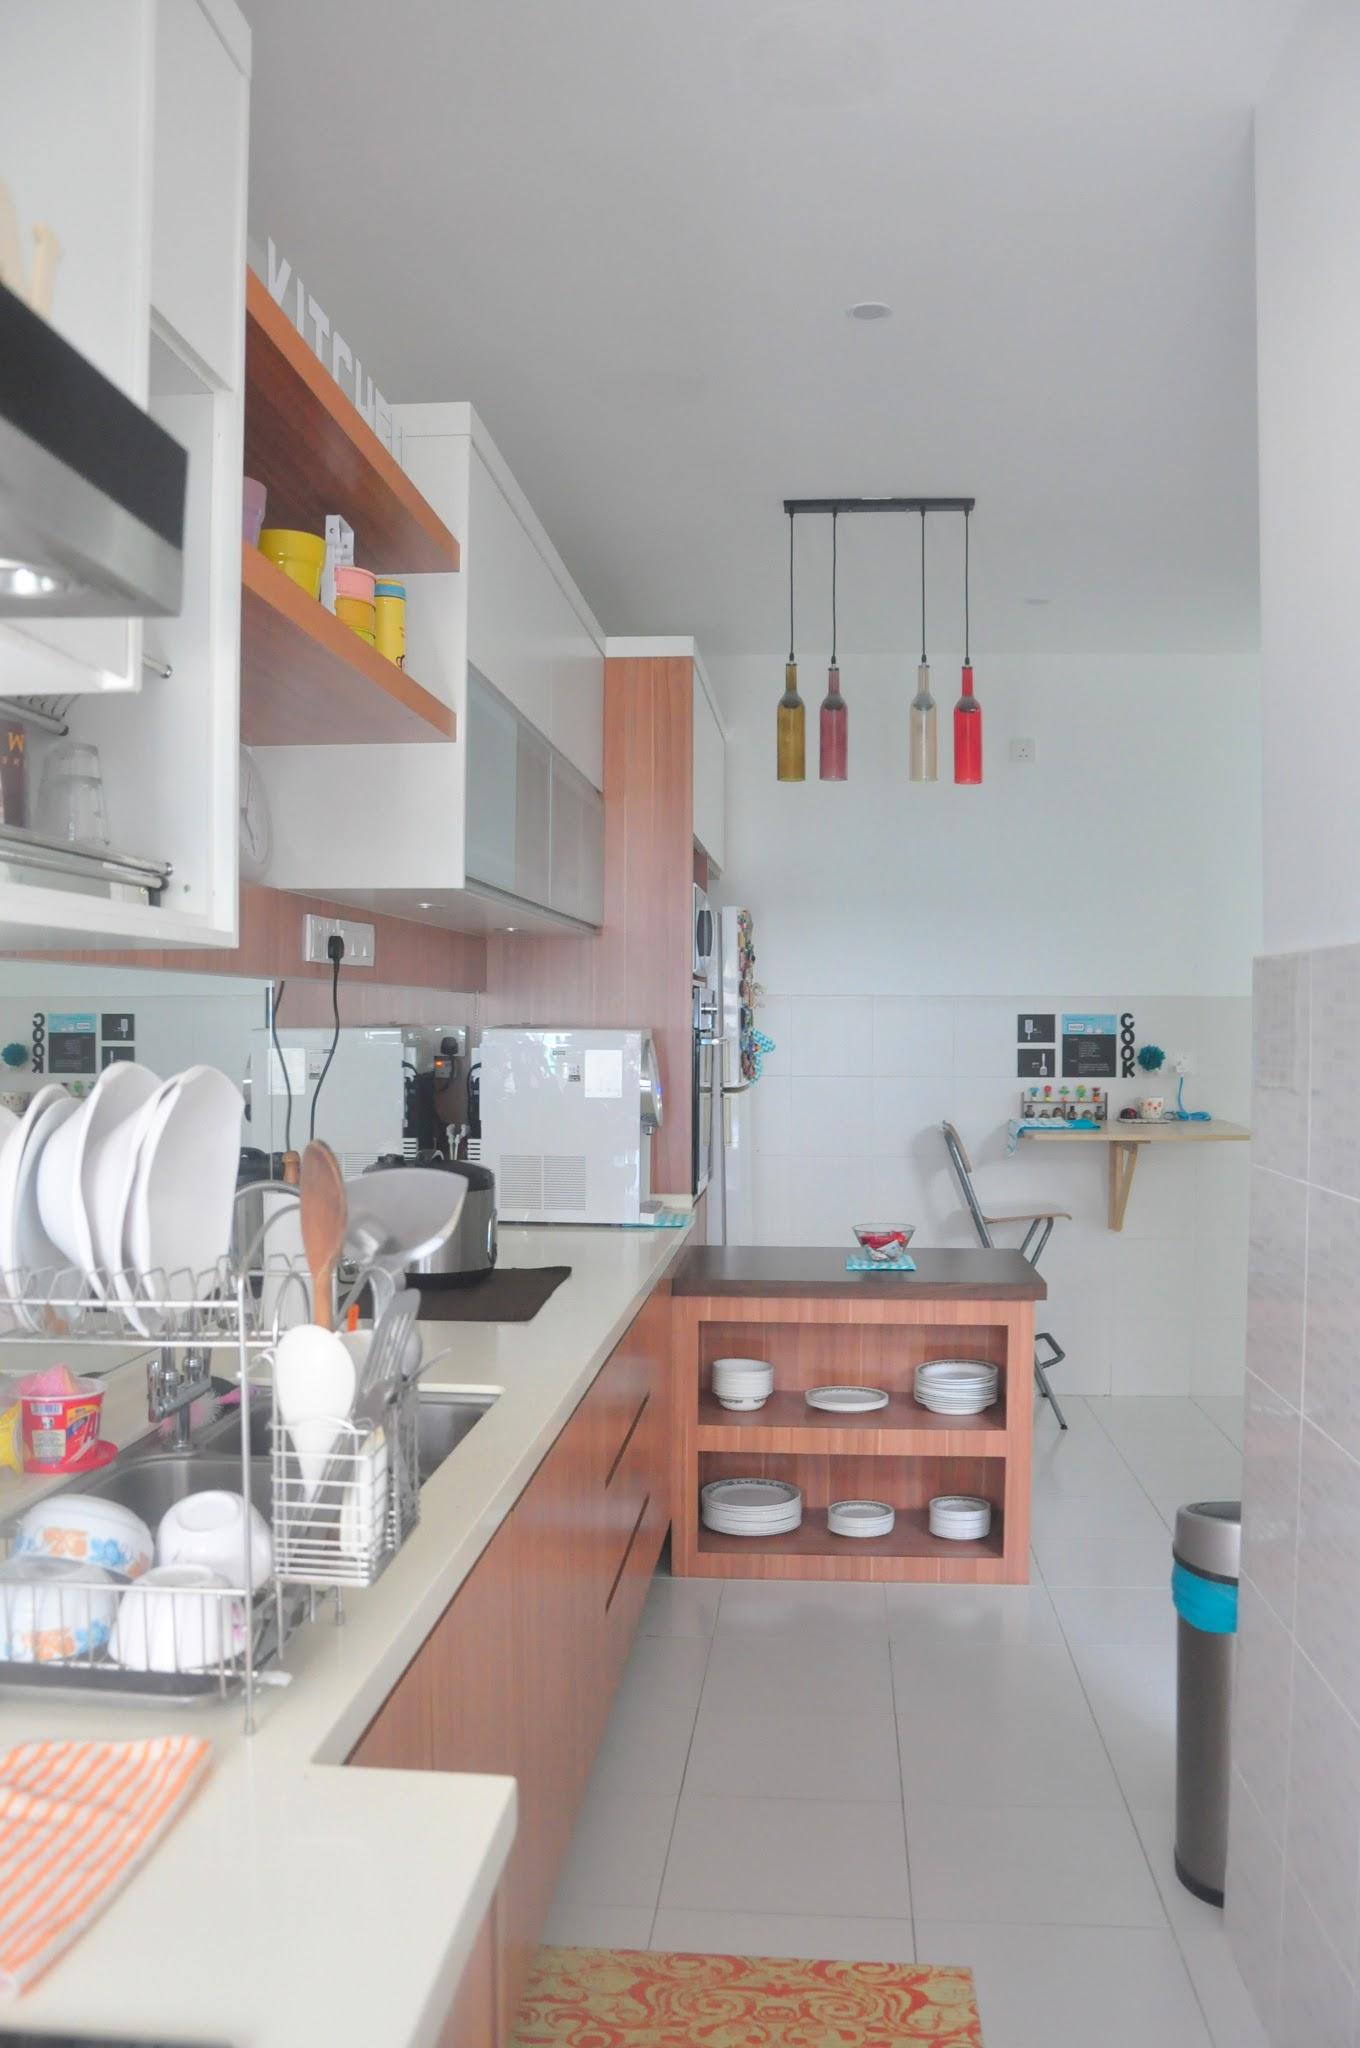 Dapur Dengan Lorong Yang Sempit Tapi Bersyukur Apa Ada Alhamdulillah